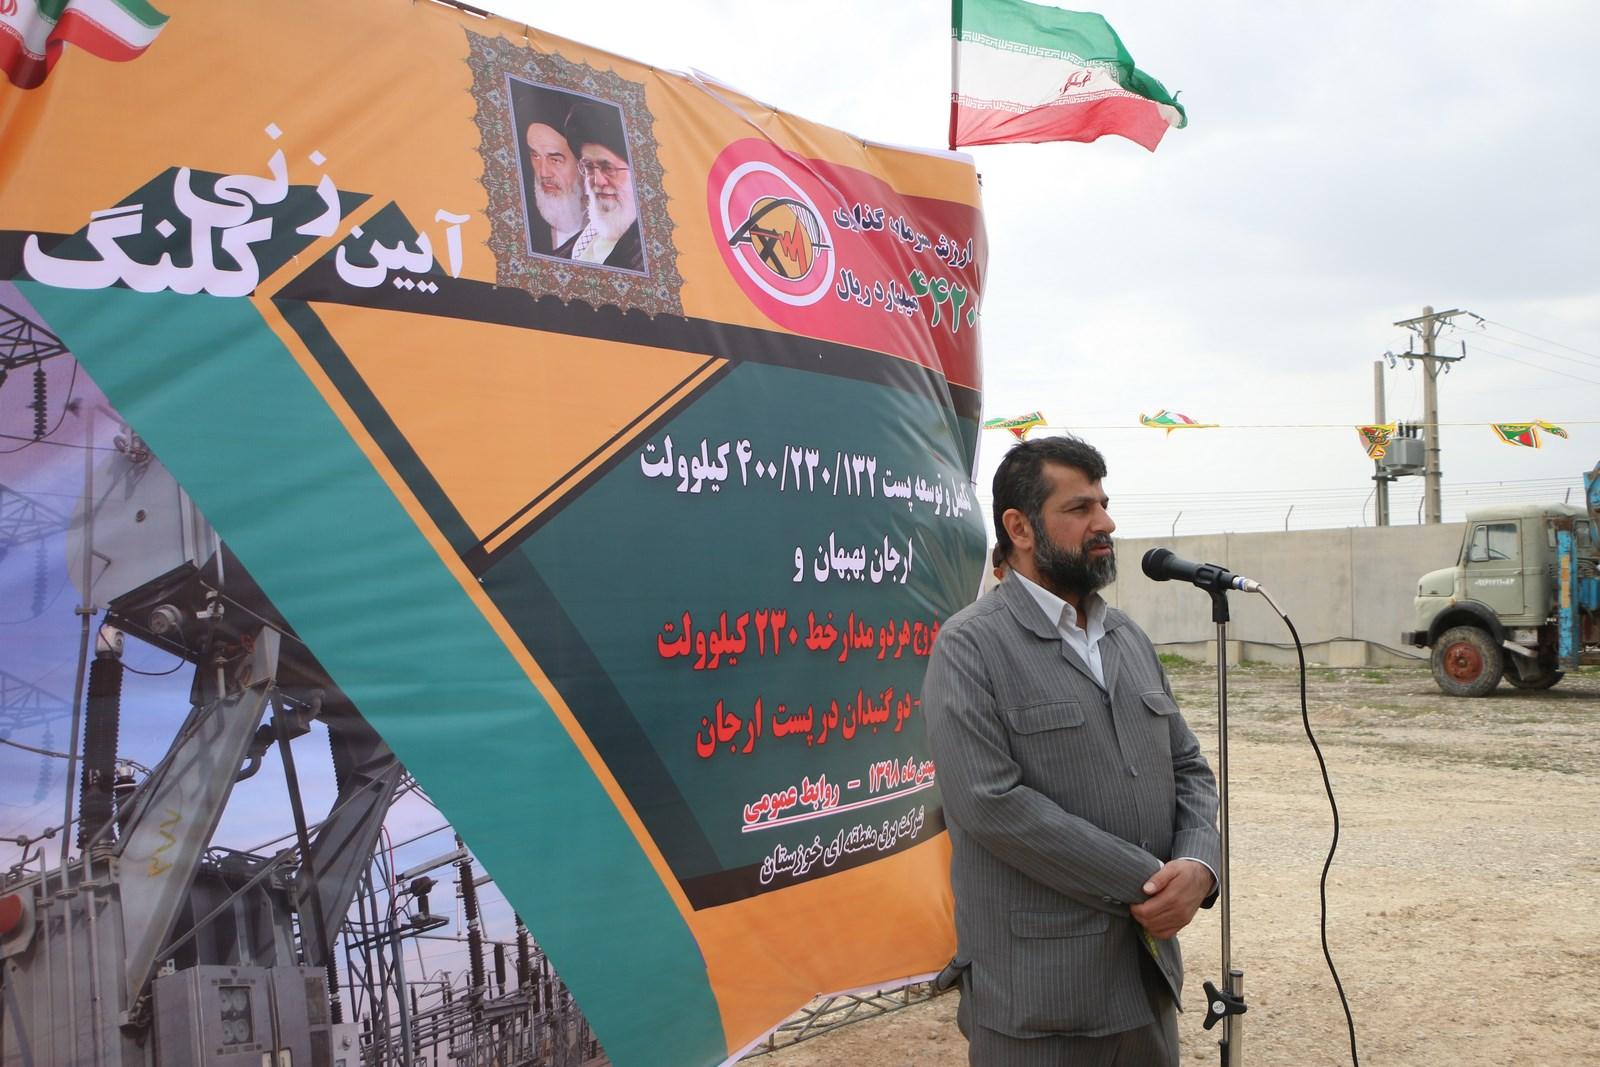 کلنگزنی چند پروژه صنعت برق با حضور استاندار خوزستان در بهبهان